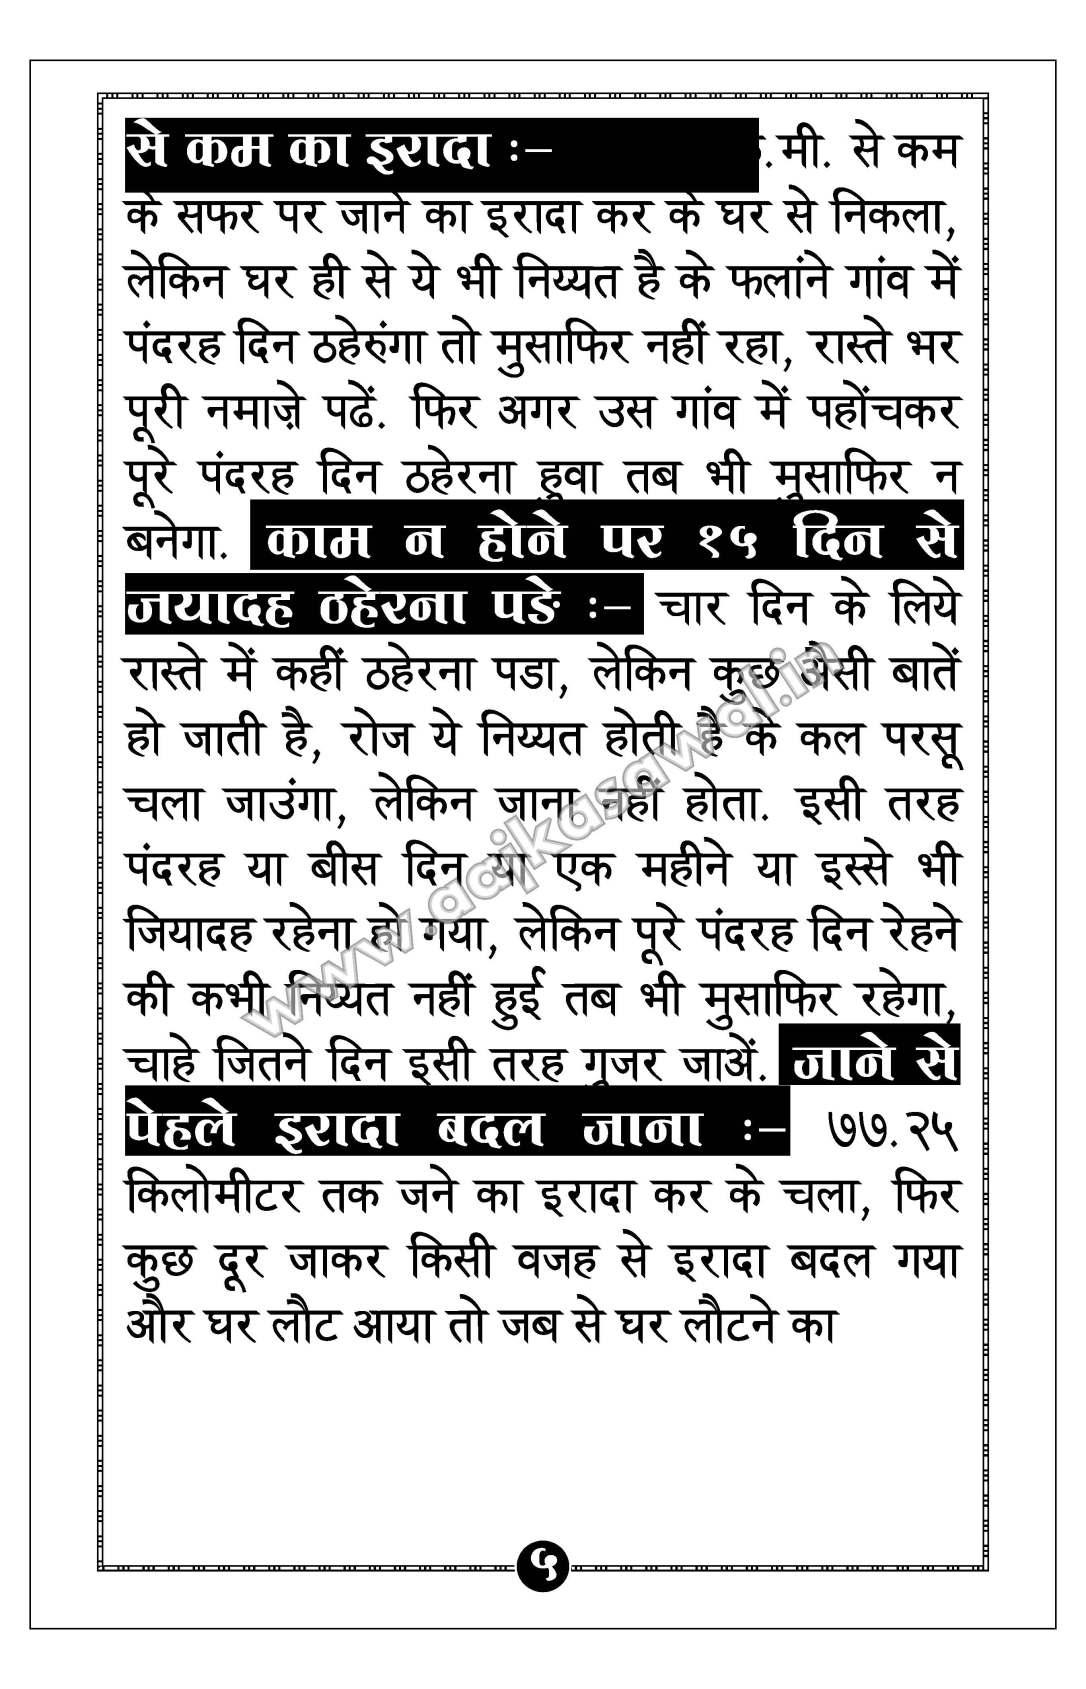 musafir-ki-namaz-hindi_Page_5